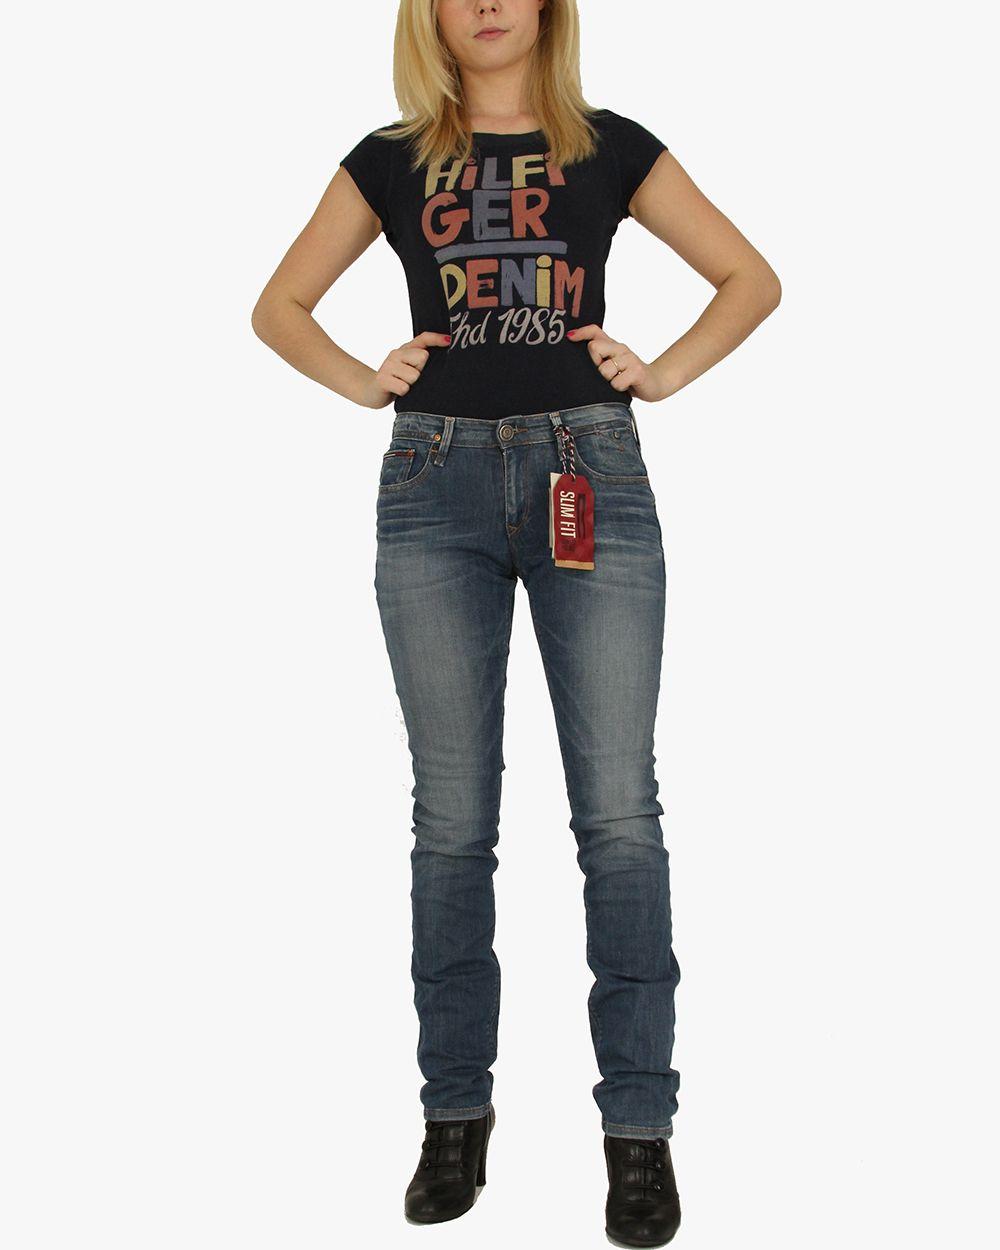 c5b7caa6b3ec9 Pin od Toger Shop Outlet - odzież markowa na Spodnie damskie Jeansy ...